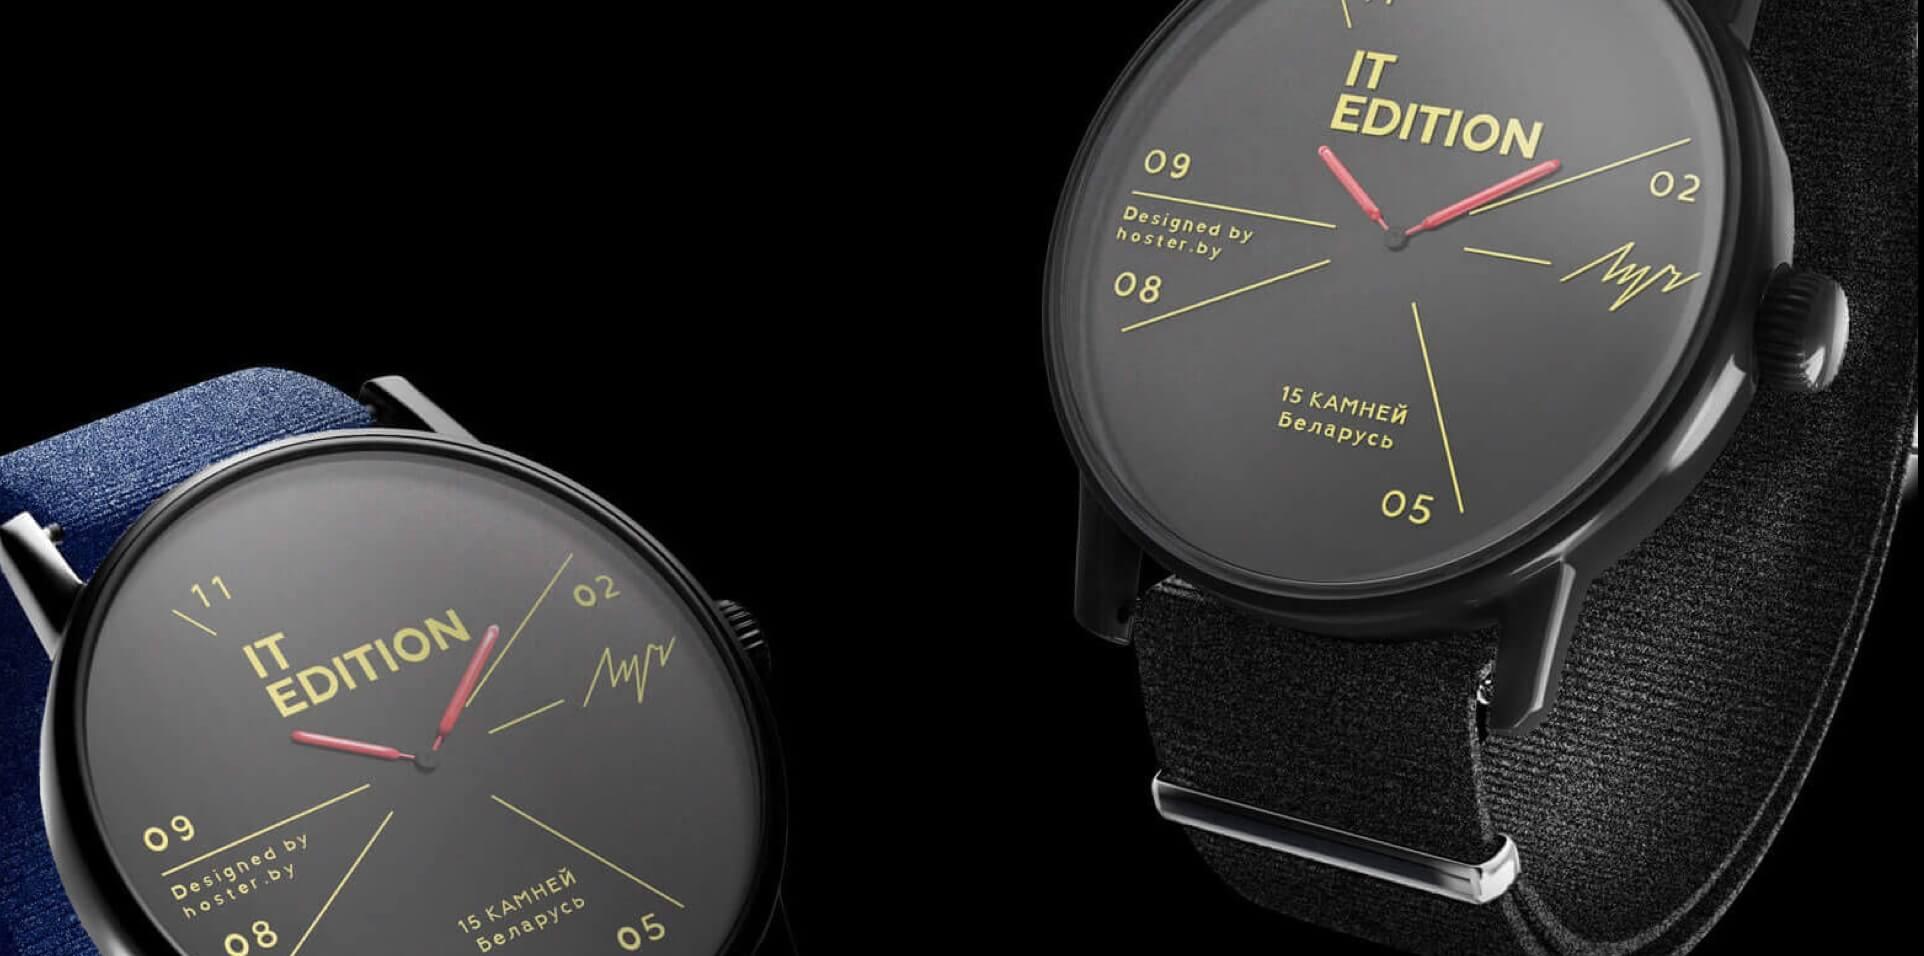 Лимитированная коллекция часов hoster.by и завода «Луч»